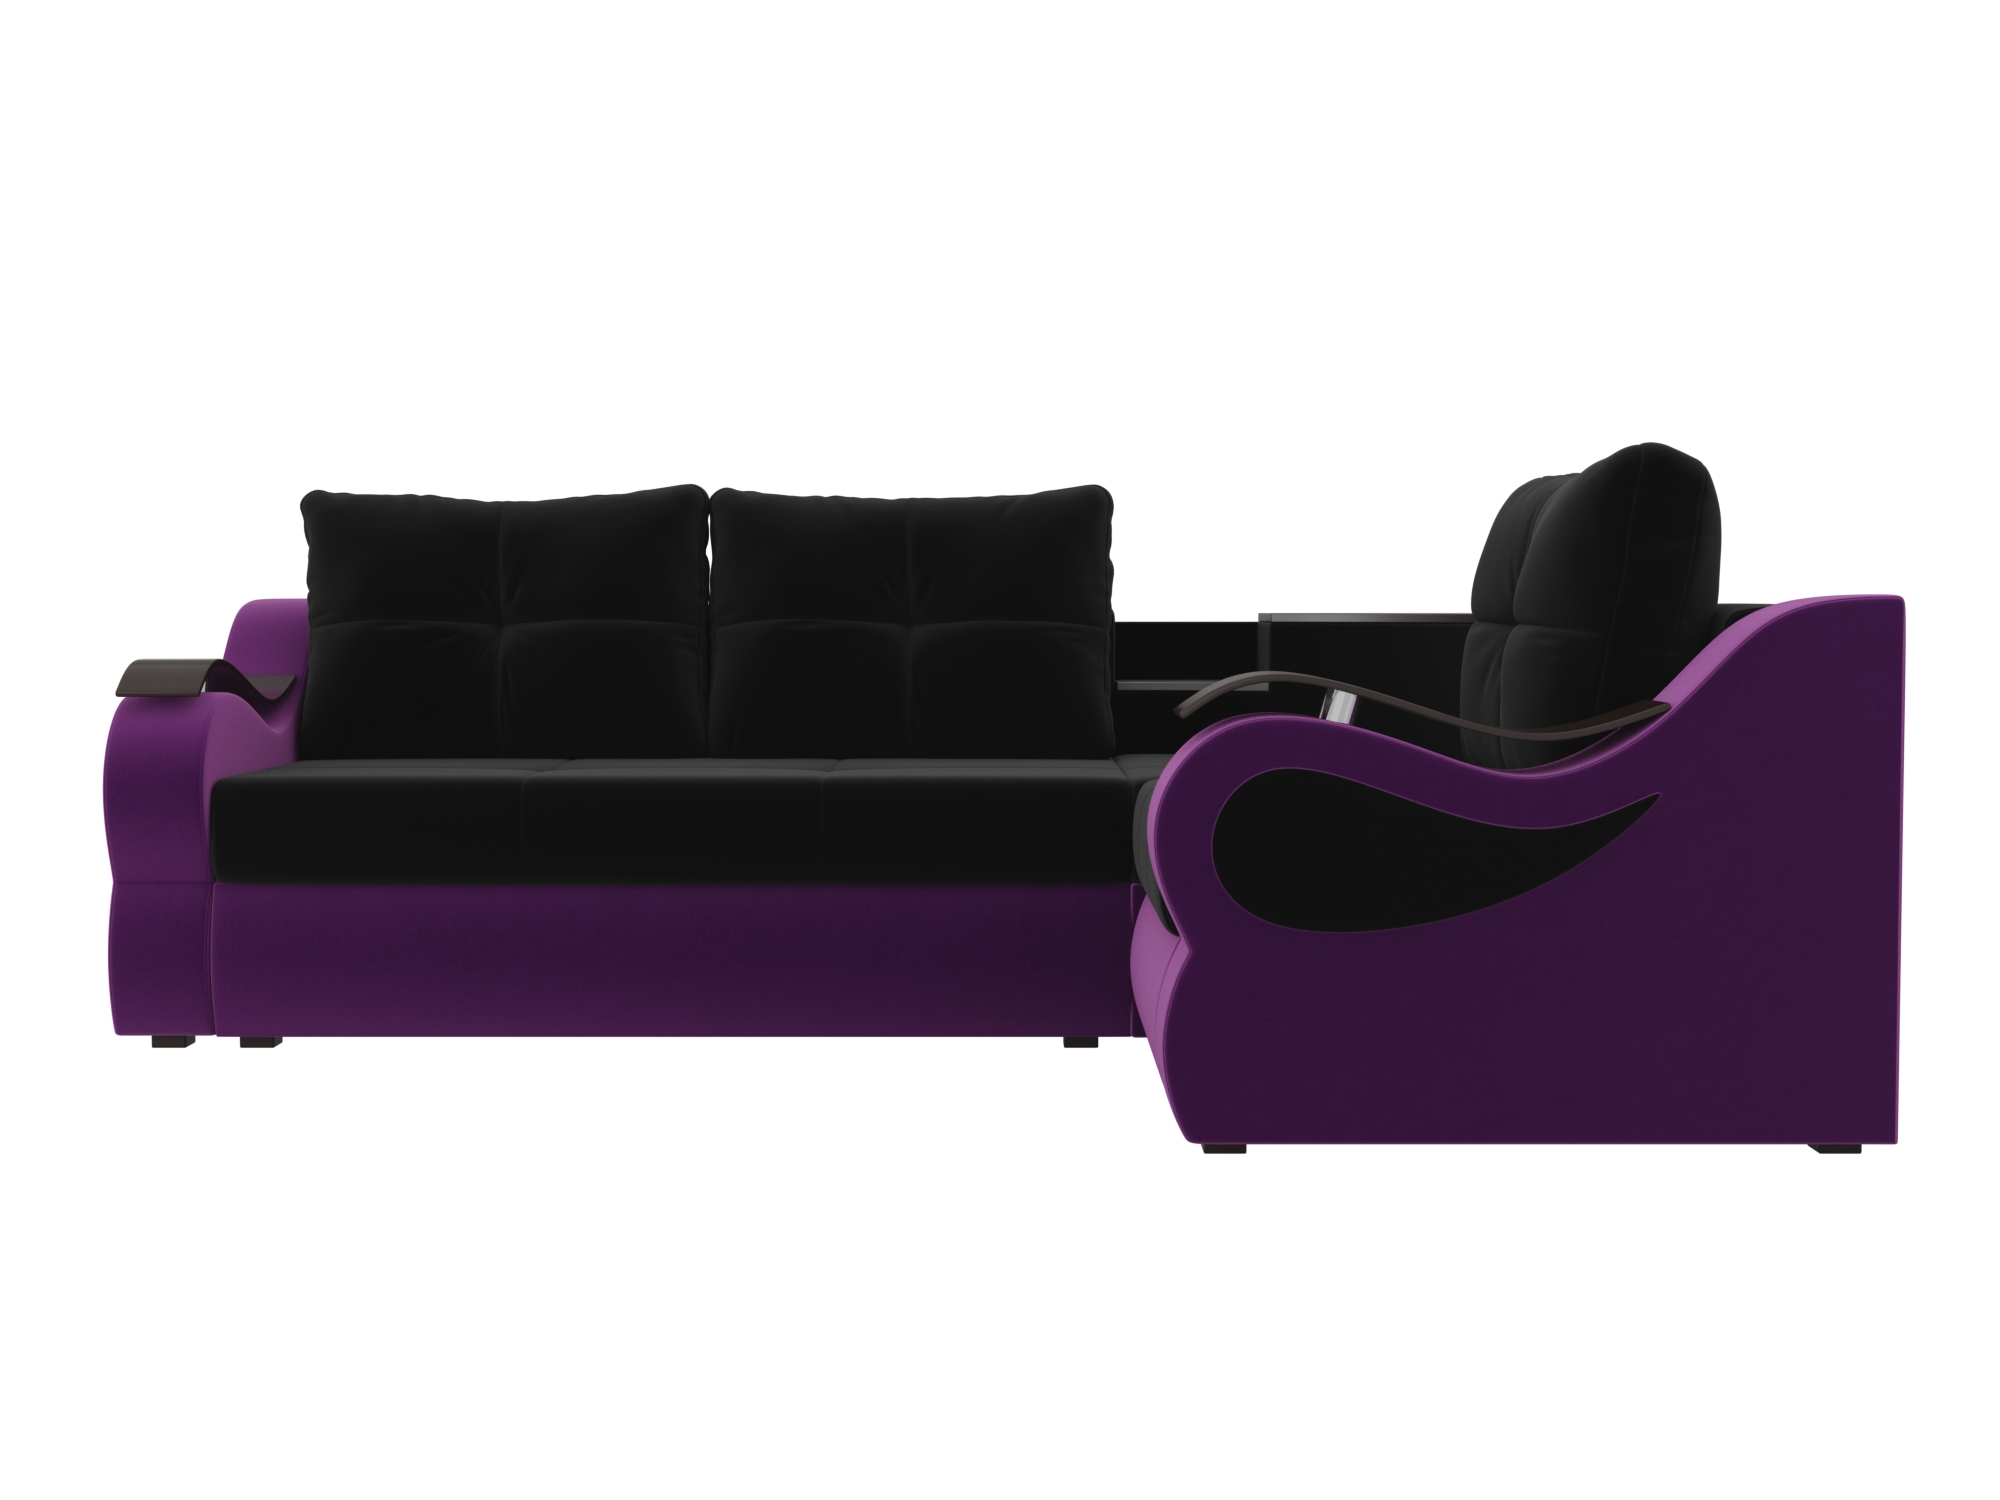 Угловой диван Митчелл Правый MebelVia Черный, Фиолетовый Фиолетовый, Черный